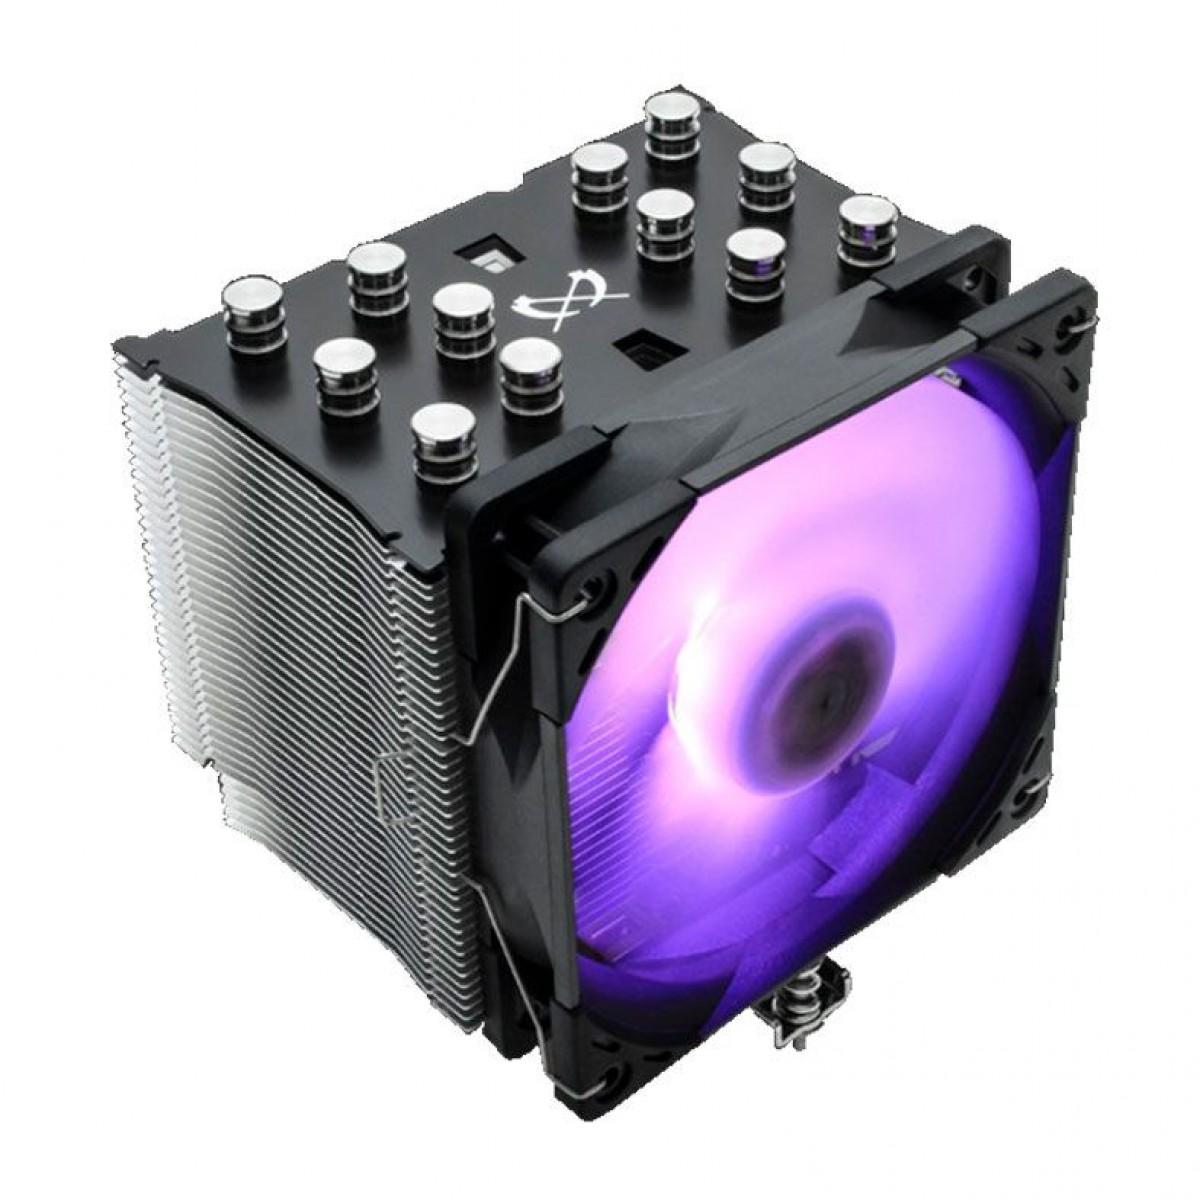 Cooler para Processador Scythe Mugen 5 Rgb Edition 120mm, Intel-AMD, SCMG-5100BK